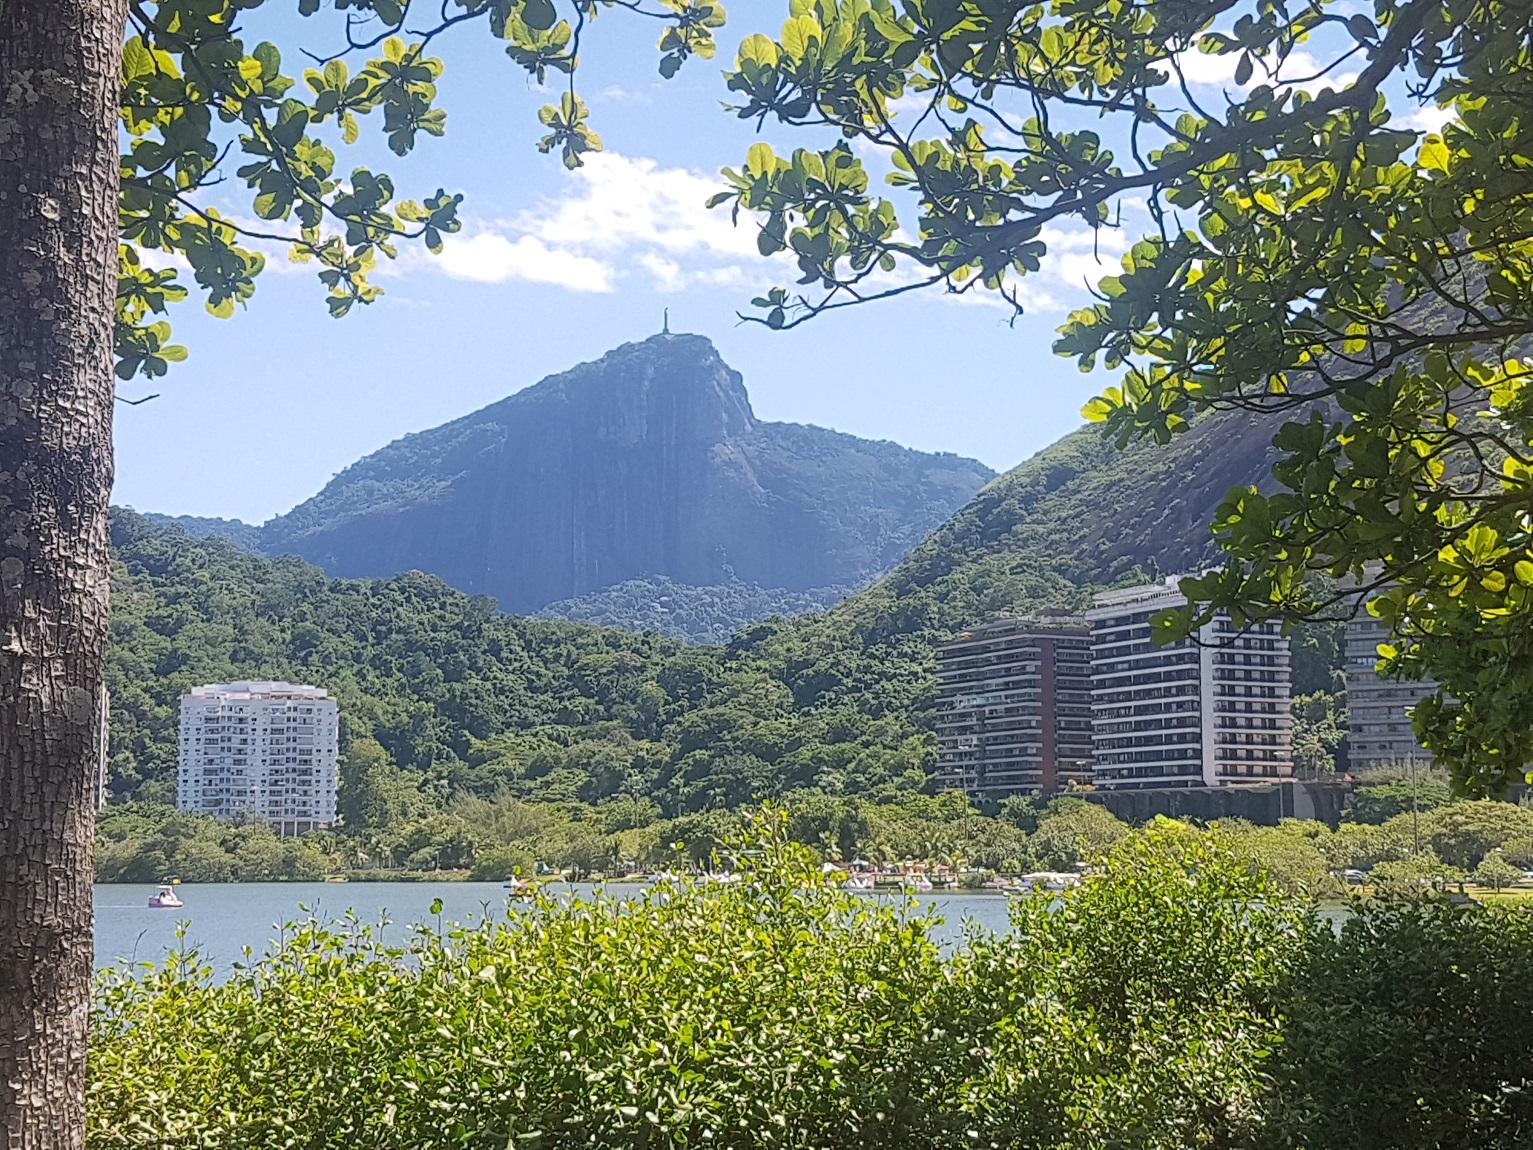 A orla da Lagoa recomeçou a ser ocupada por gente quase 250 anos depois dos tupinambás. Foto Oscar Valporto